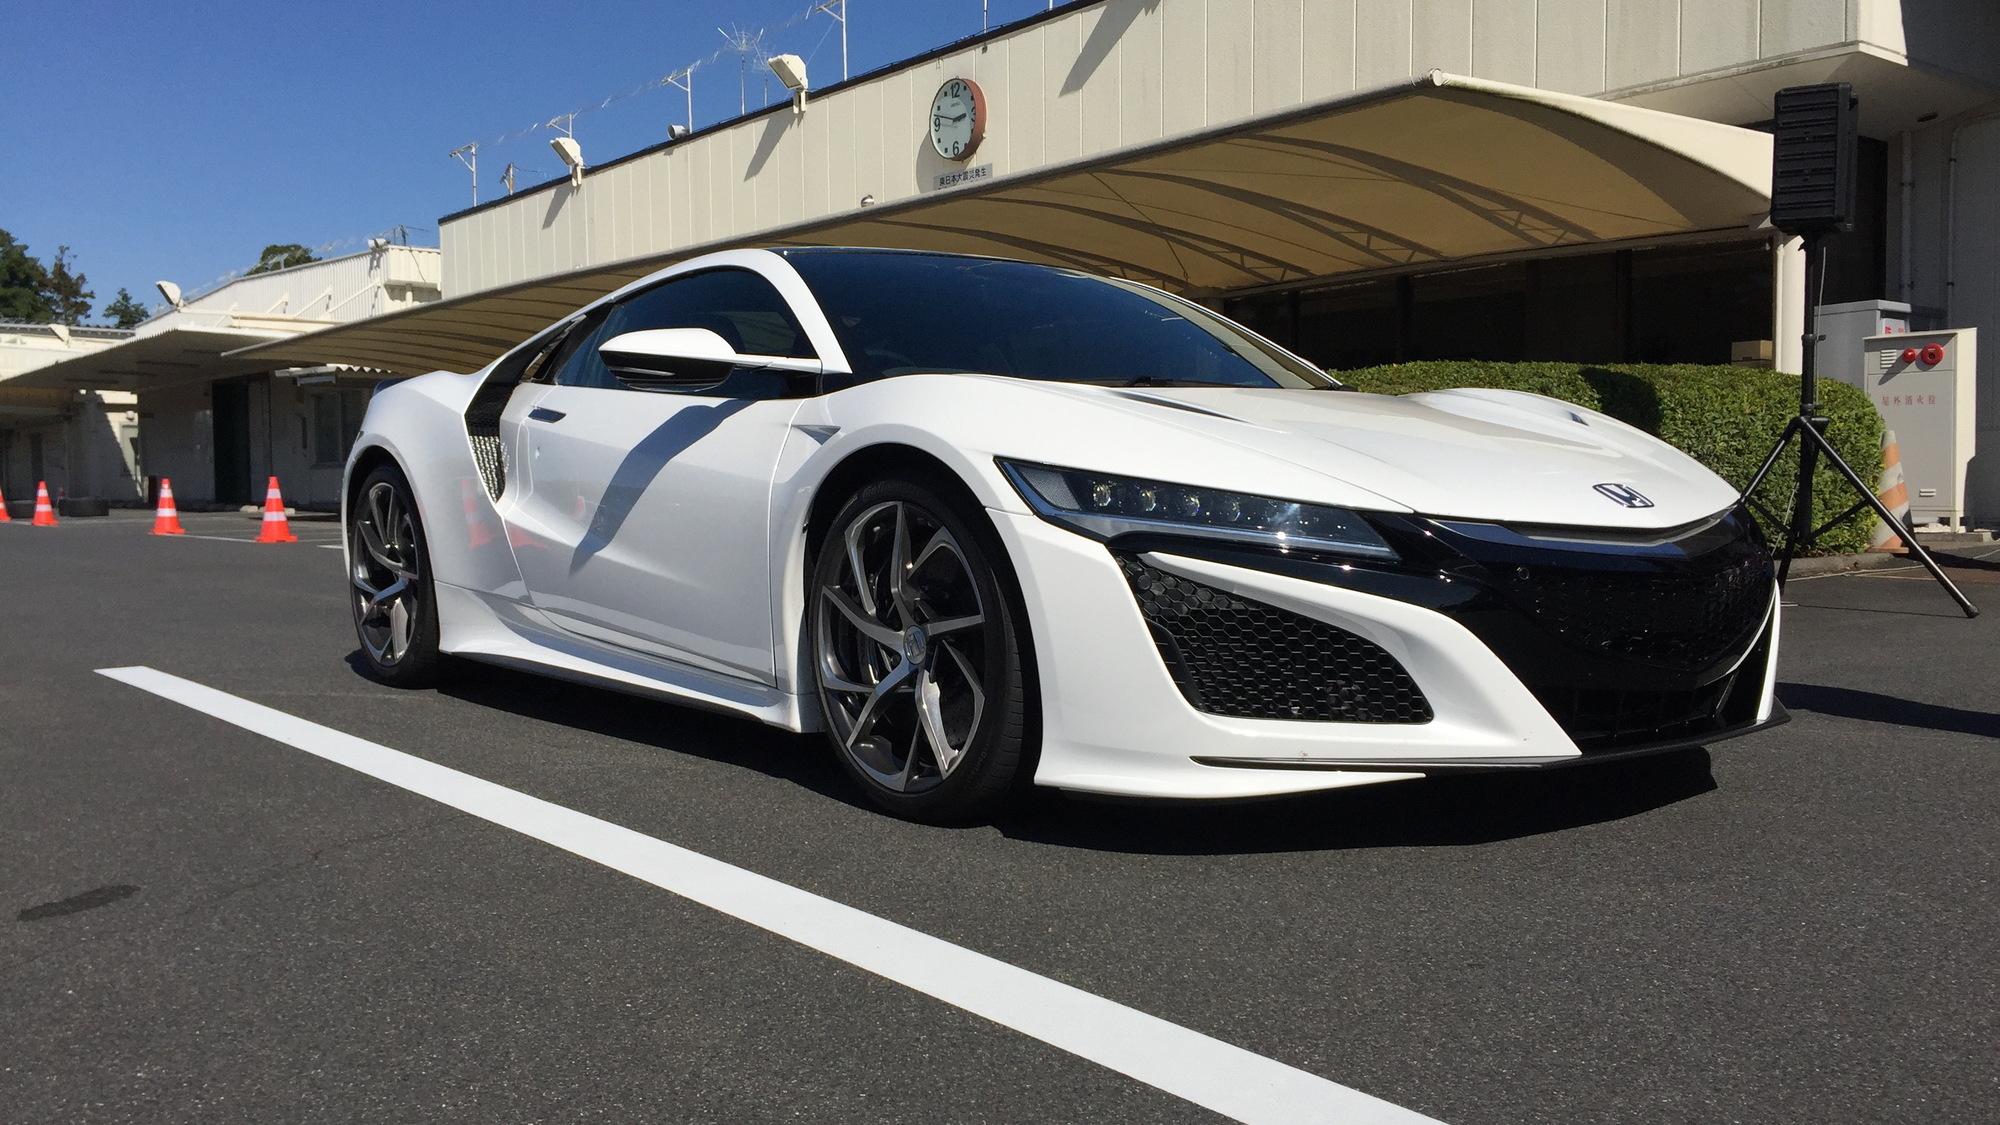 Acura NSX, Honda R&D Center, Oct. 2015